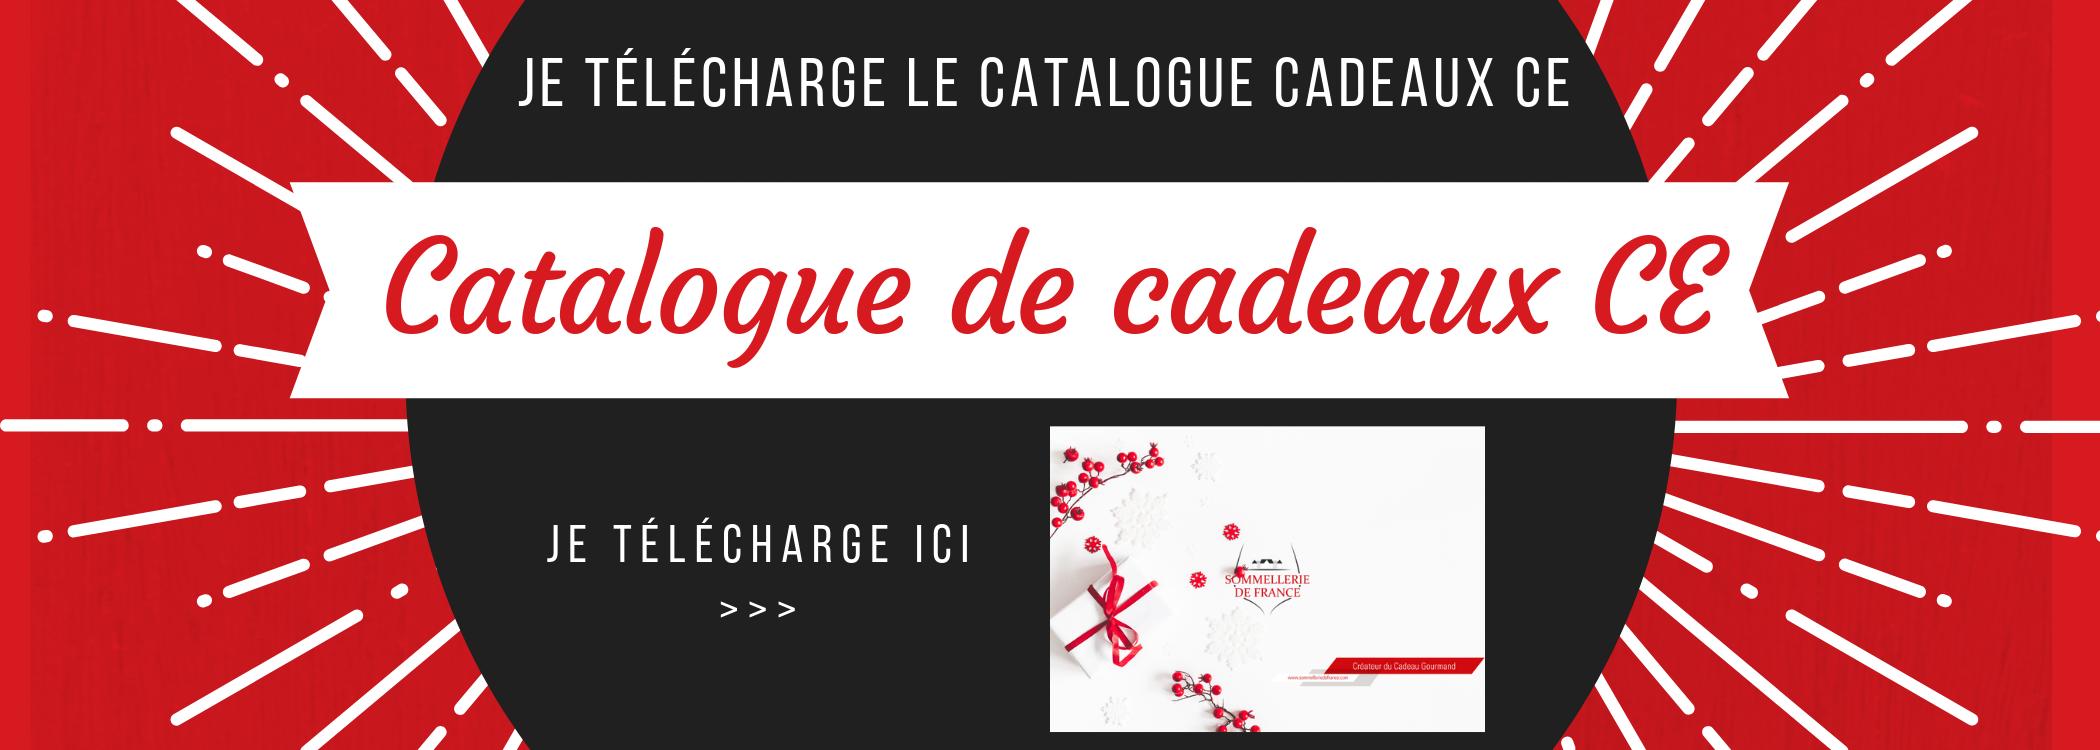 Catalogue de Cadeaux CE (2)-2_1.png